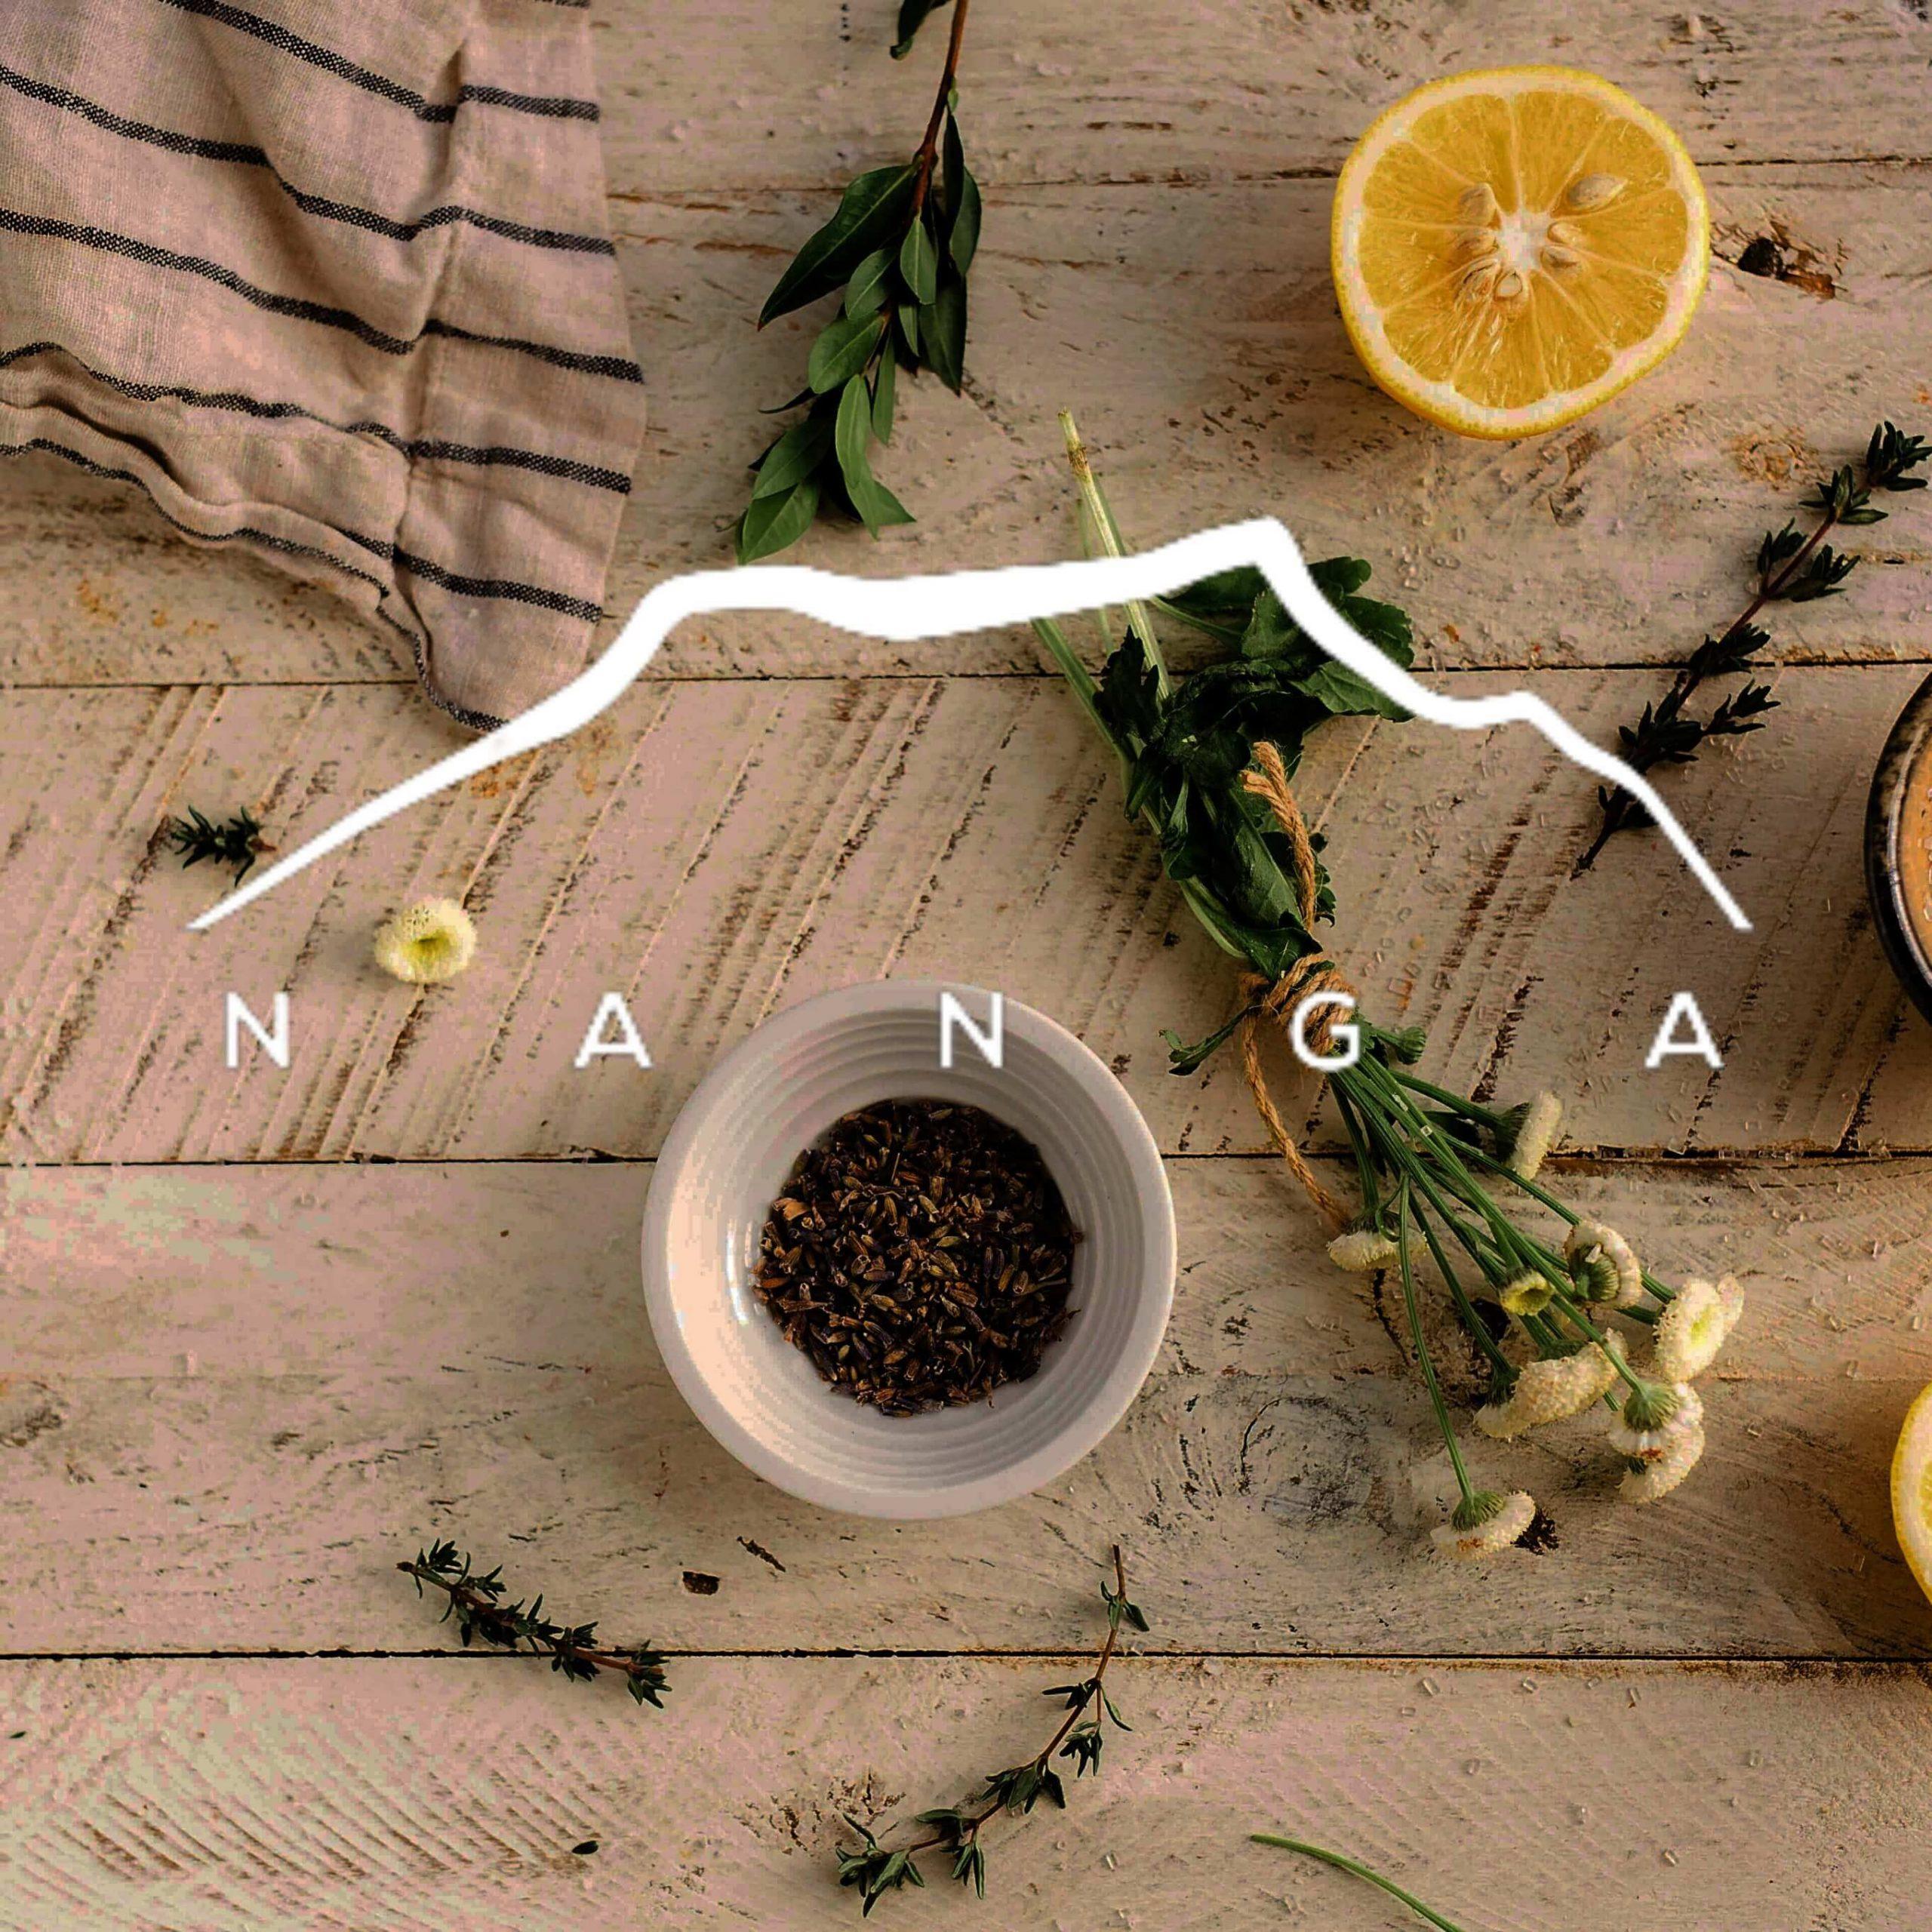 Nanga Dunia Organic UK (2)